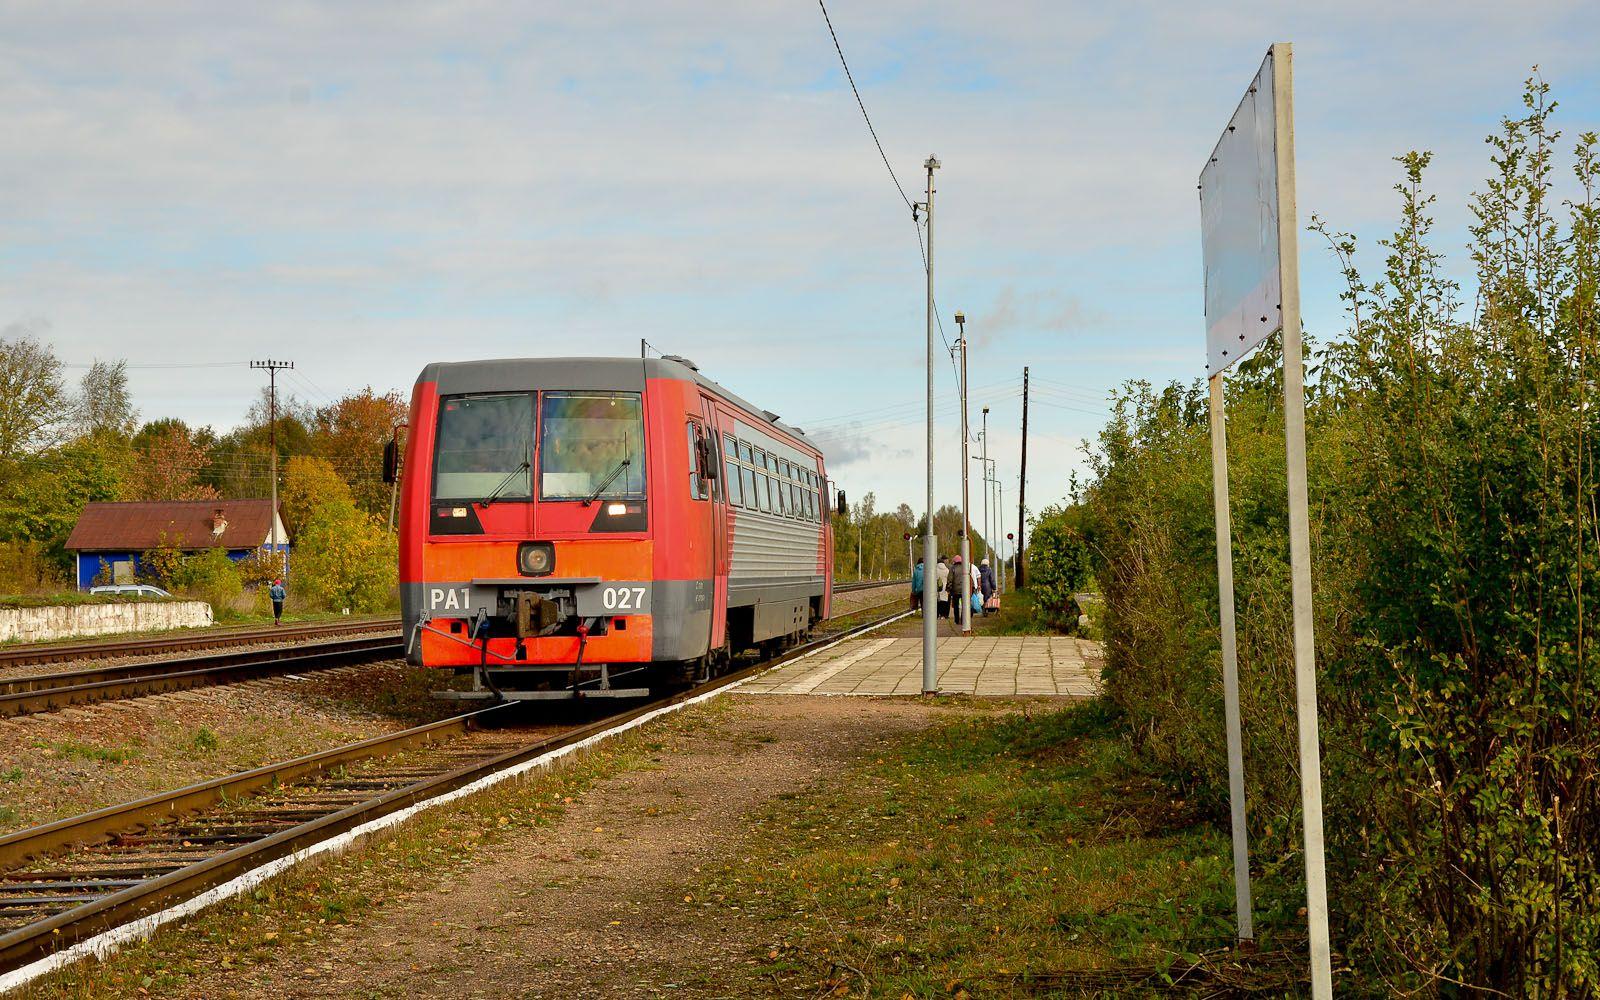 ©Foto: railmen Steffen Mann | Moderner Nahverkehr: PA1-027 mit Personenzug im Land-Bf (Strecke Torschok-Rzev) | 29.09.2018